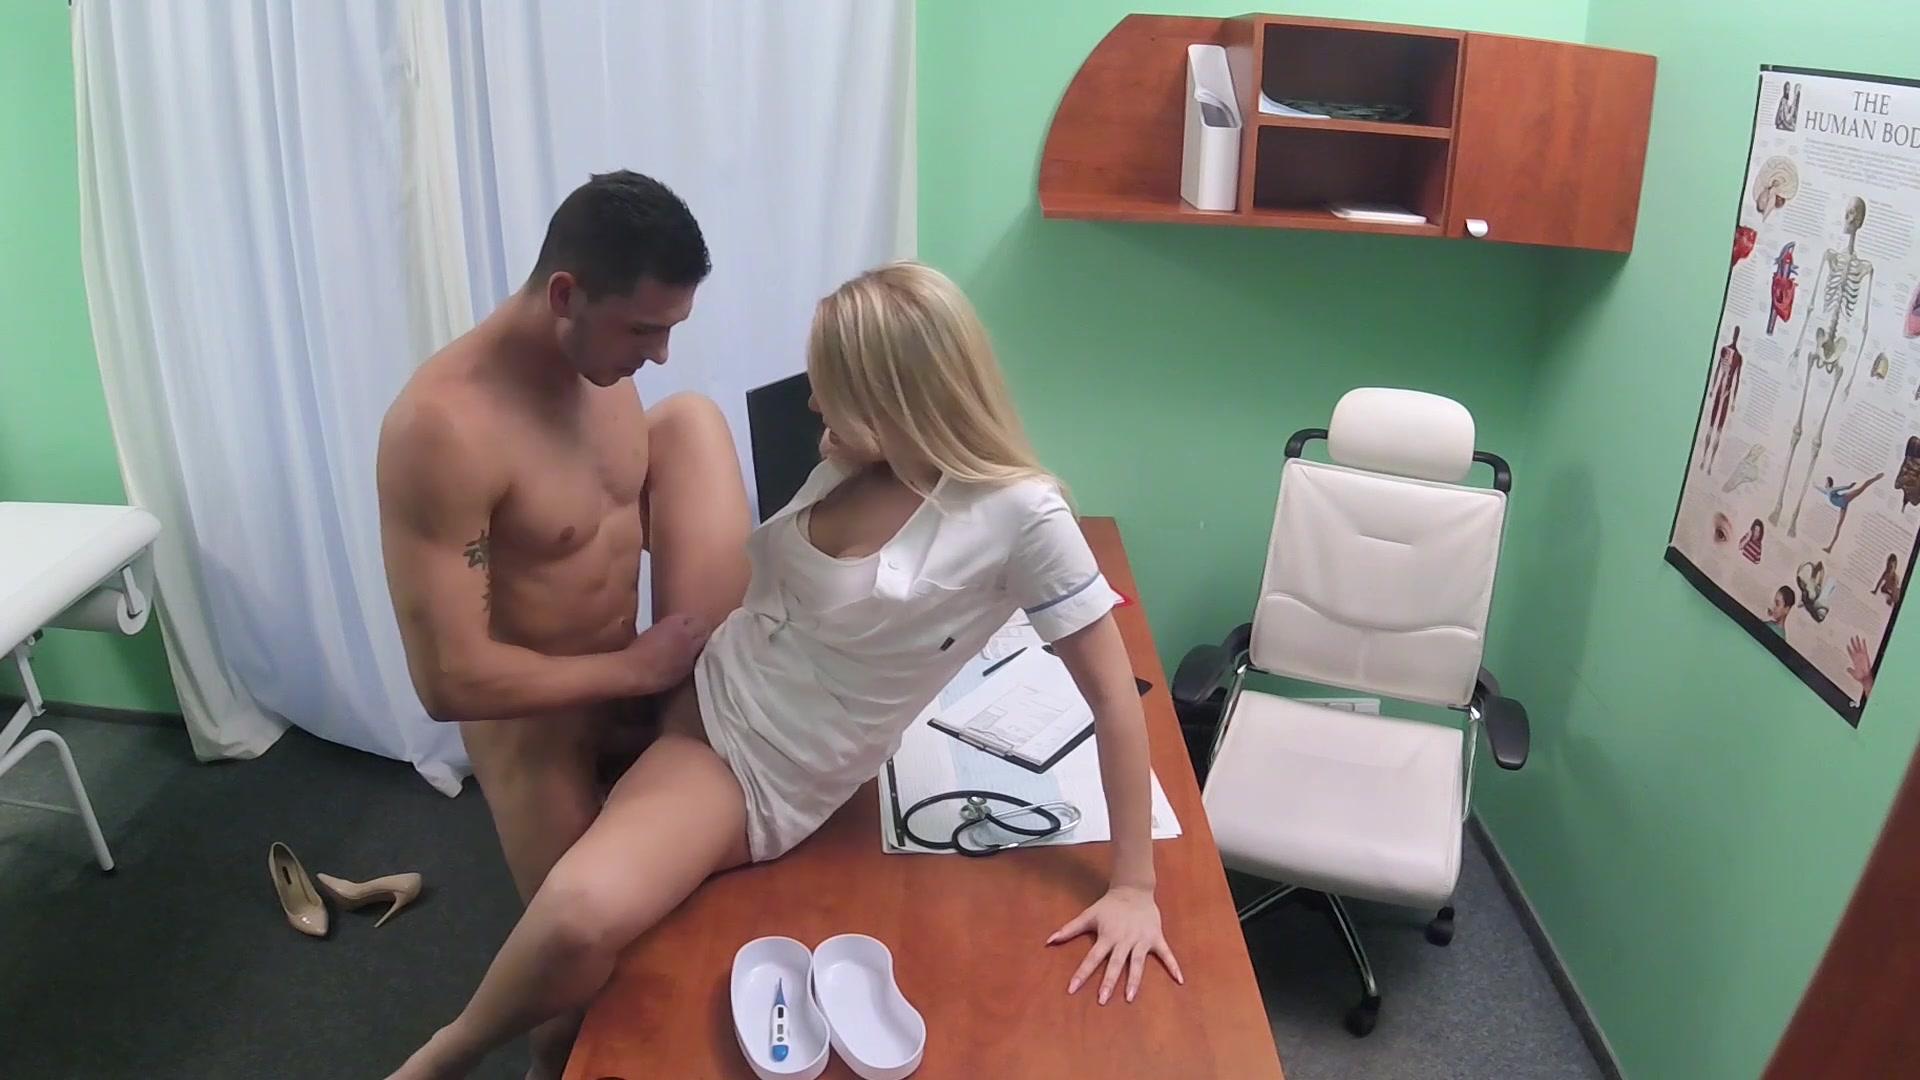 Смотреть fake hospital порно, FakeHospital. Смотреть порно бесплатно от SexoPedia! 10 фотография